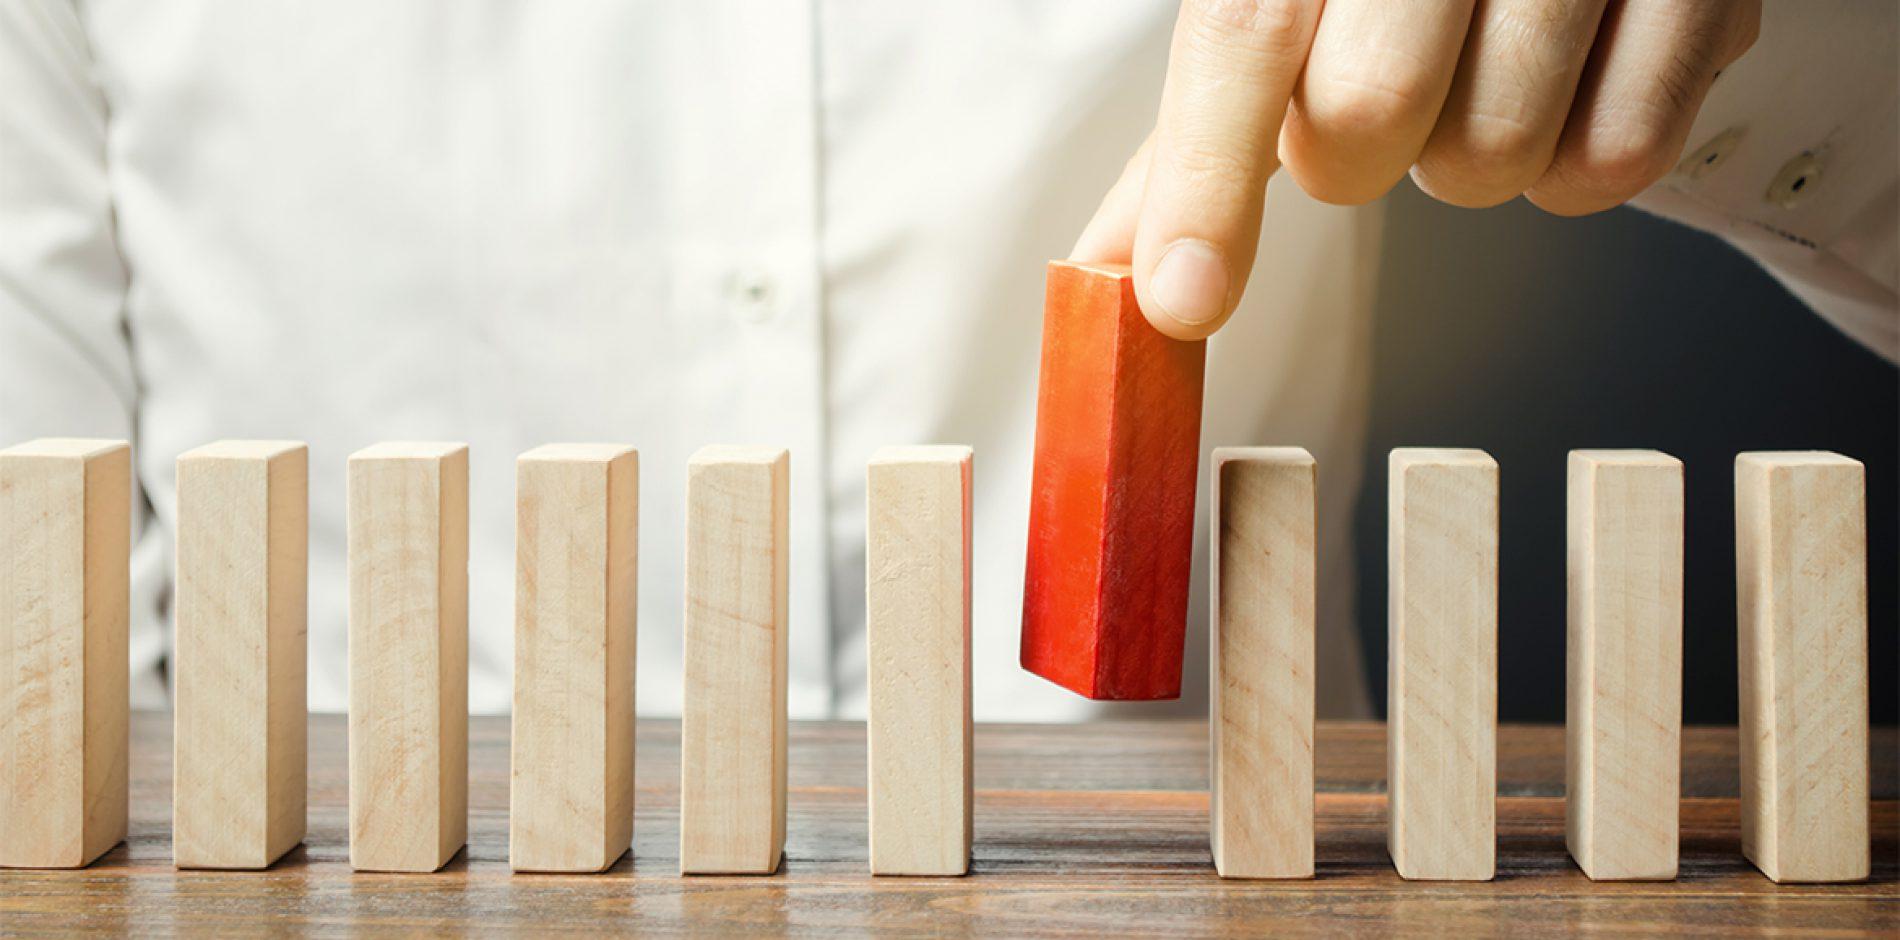 Cessazione dell'attività e possibilità di licenziamento [E.Massi]